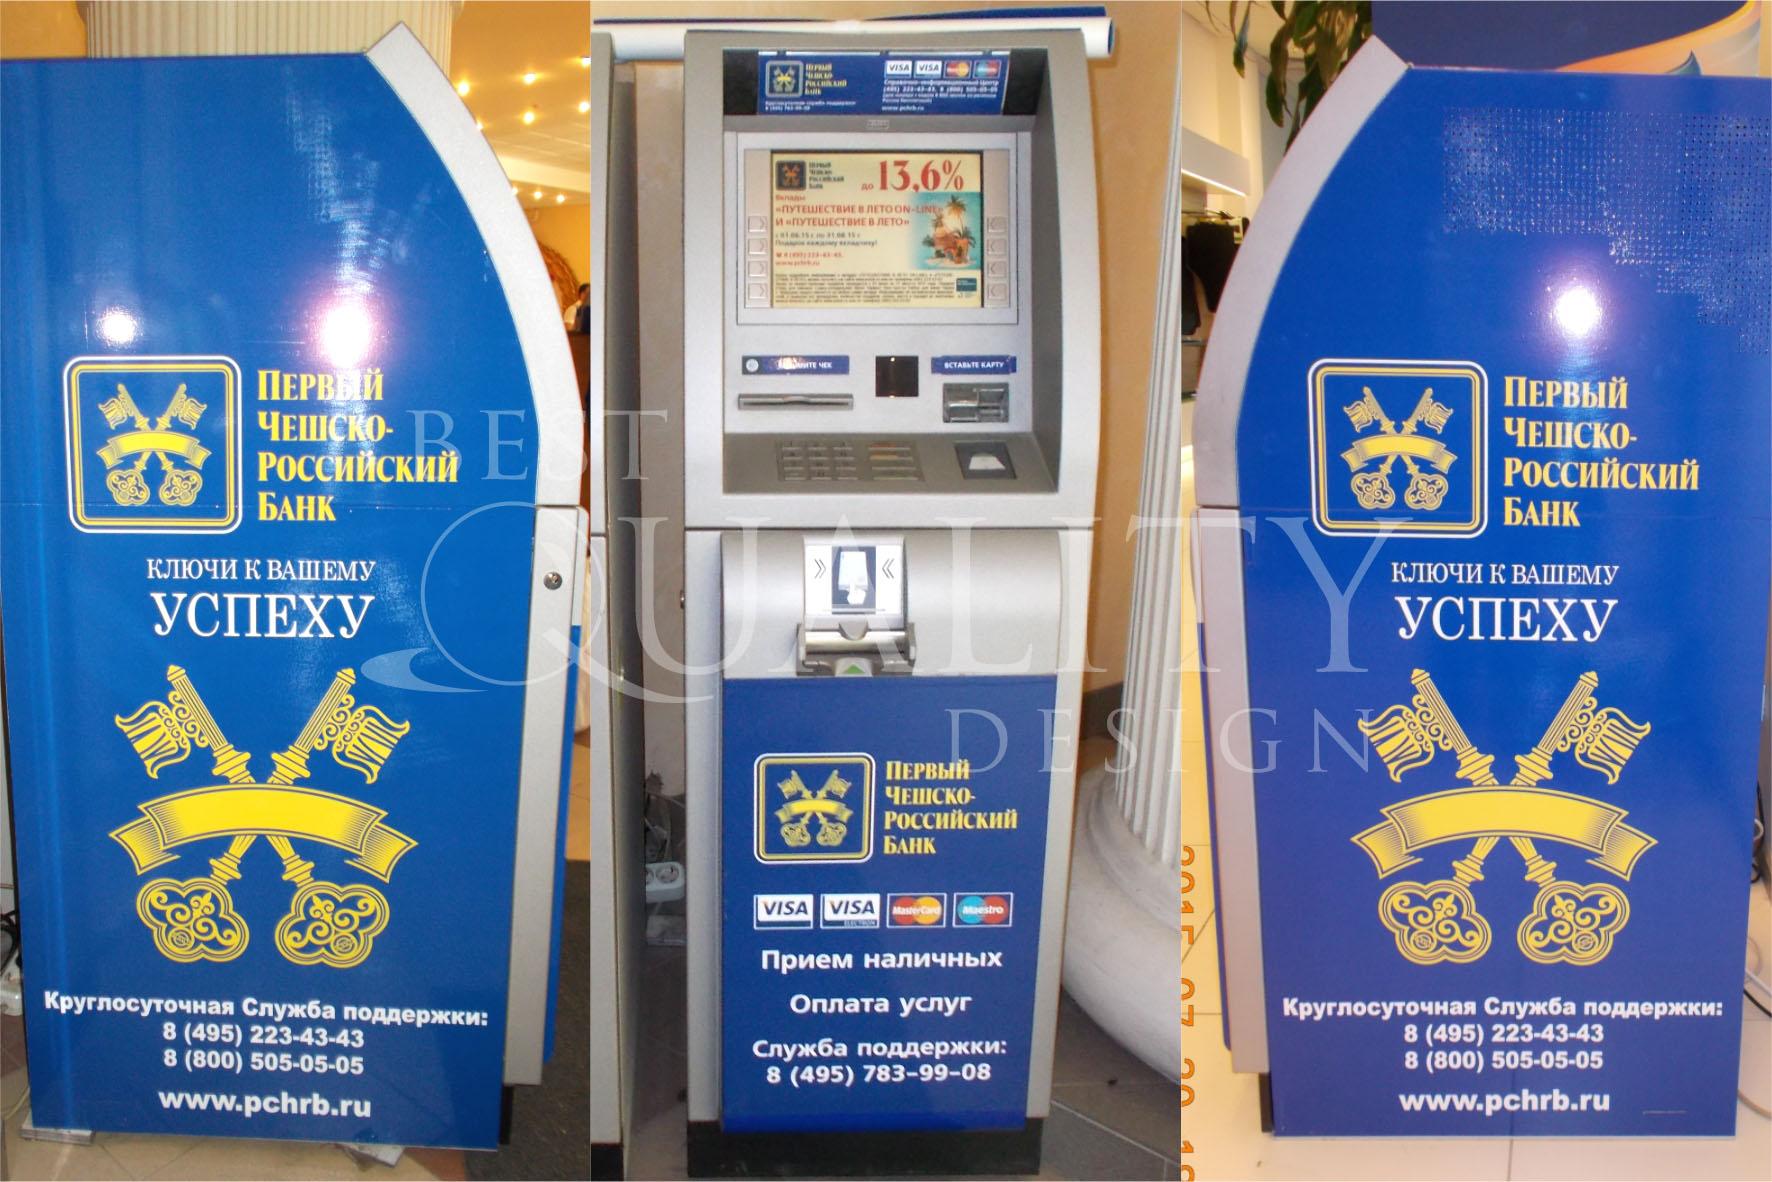 Брендирование банкоматов Первого Чешского Республиканского Банка